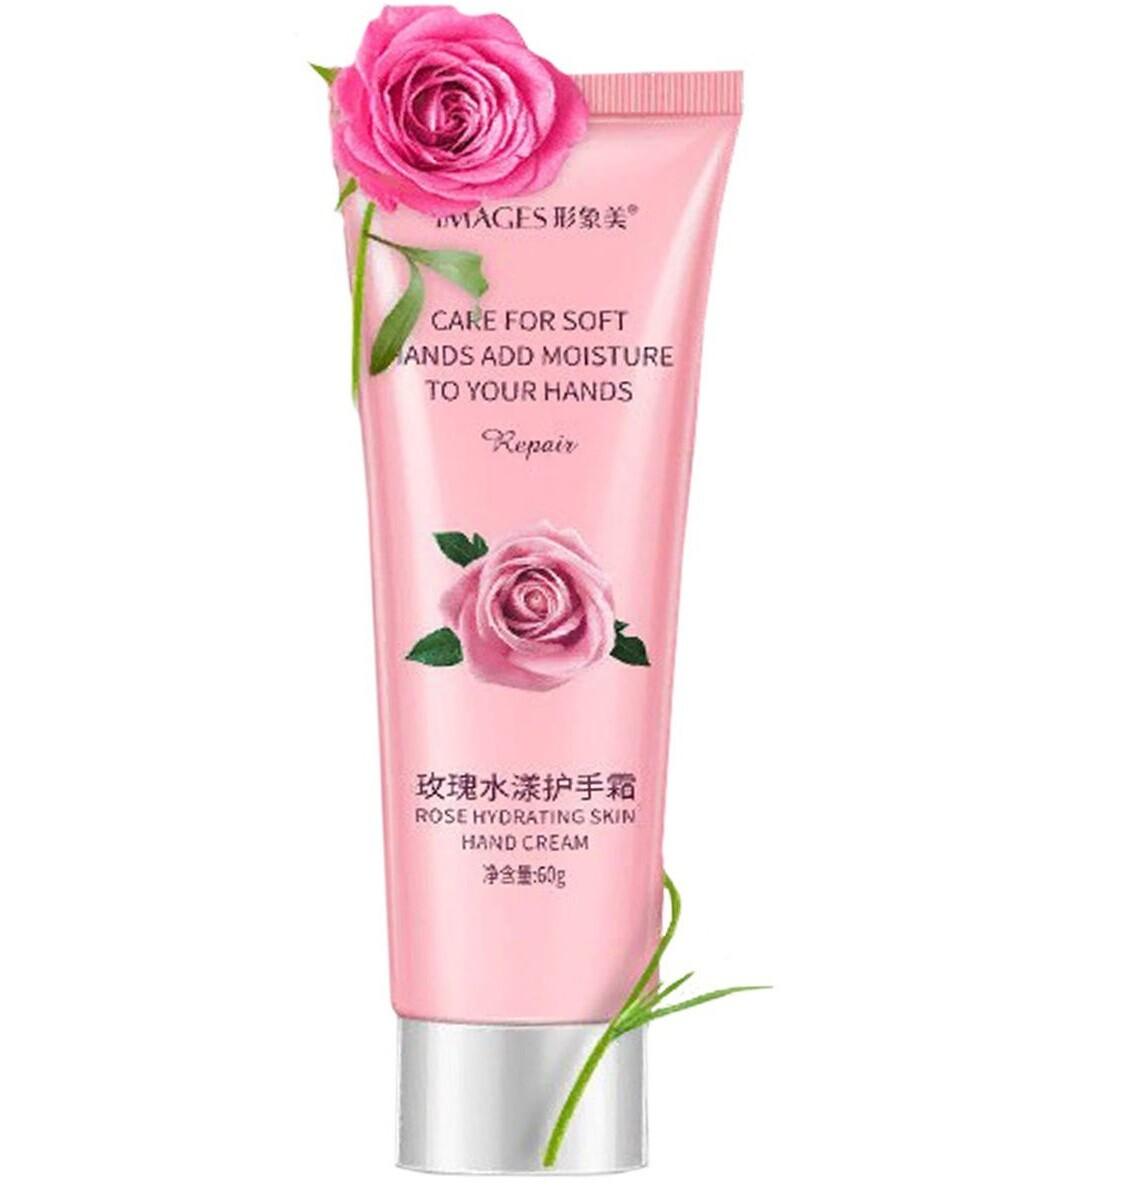 Увлажняющий крем для рук с розовым маслом Images